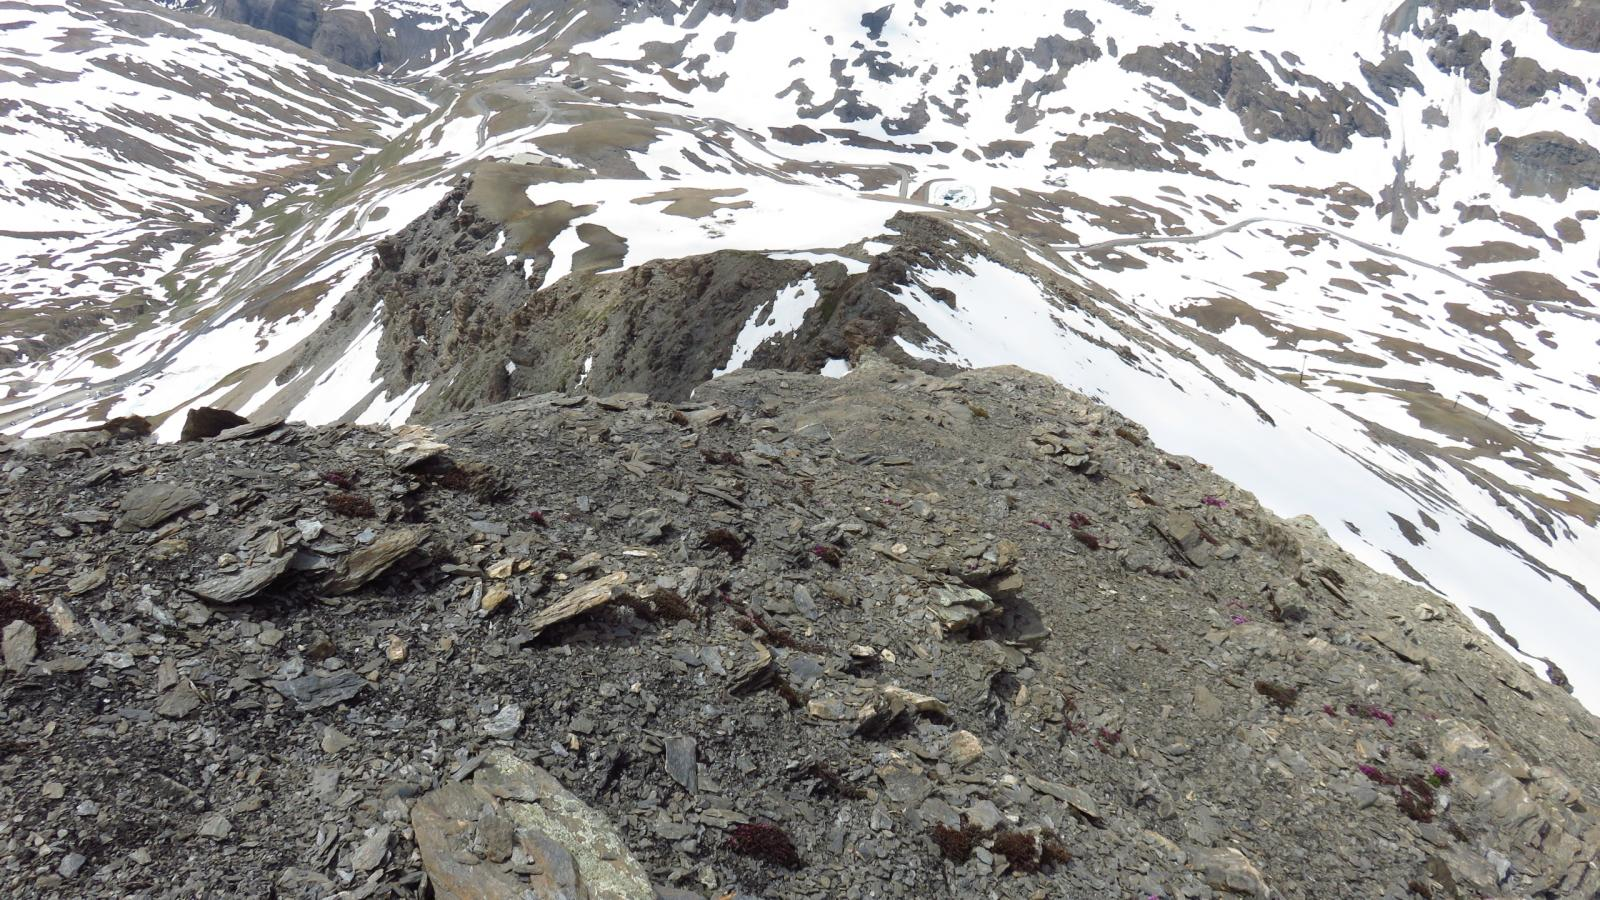 la cresta SO fin qui percorsa vista da quota 3120 m.